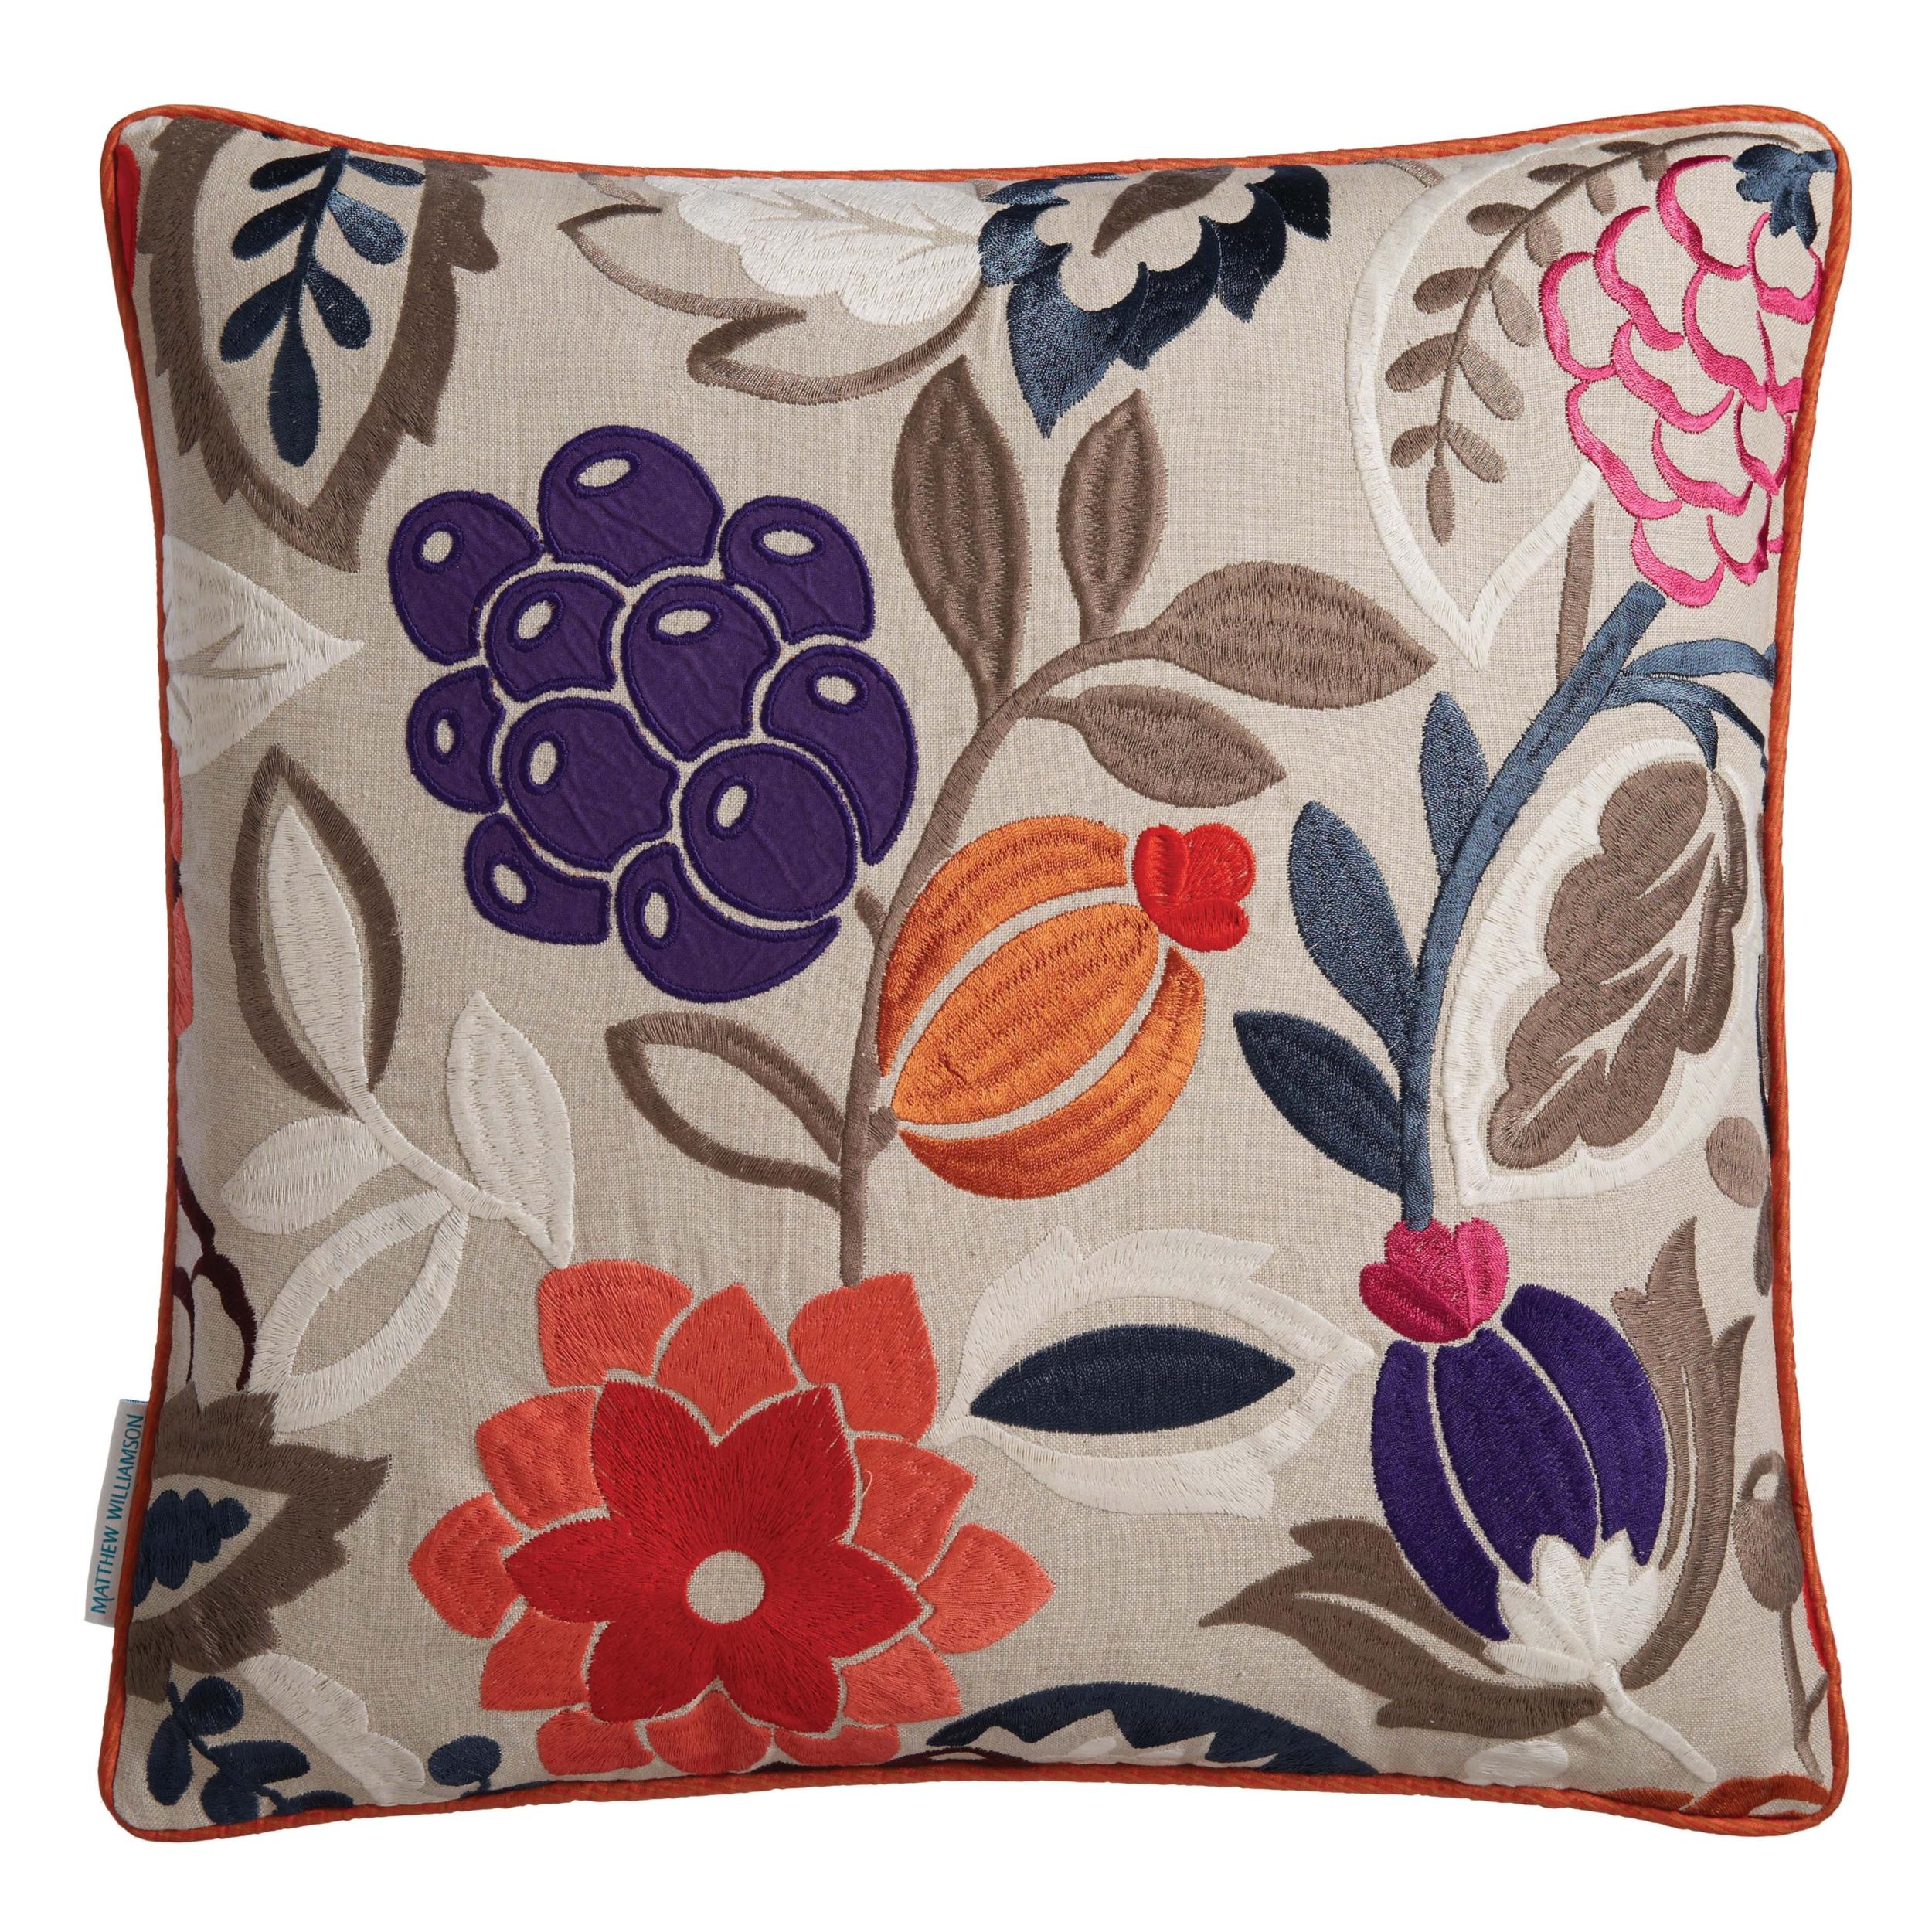 coussin la desirade cerise linen 50x50 coussins matthew williamson le boudoir des etoffes. Black Bedroom Furniture Sets. Home Design Ideas